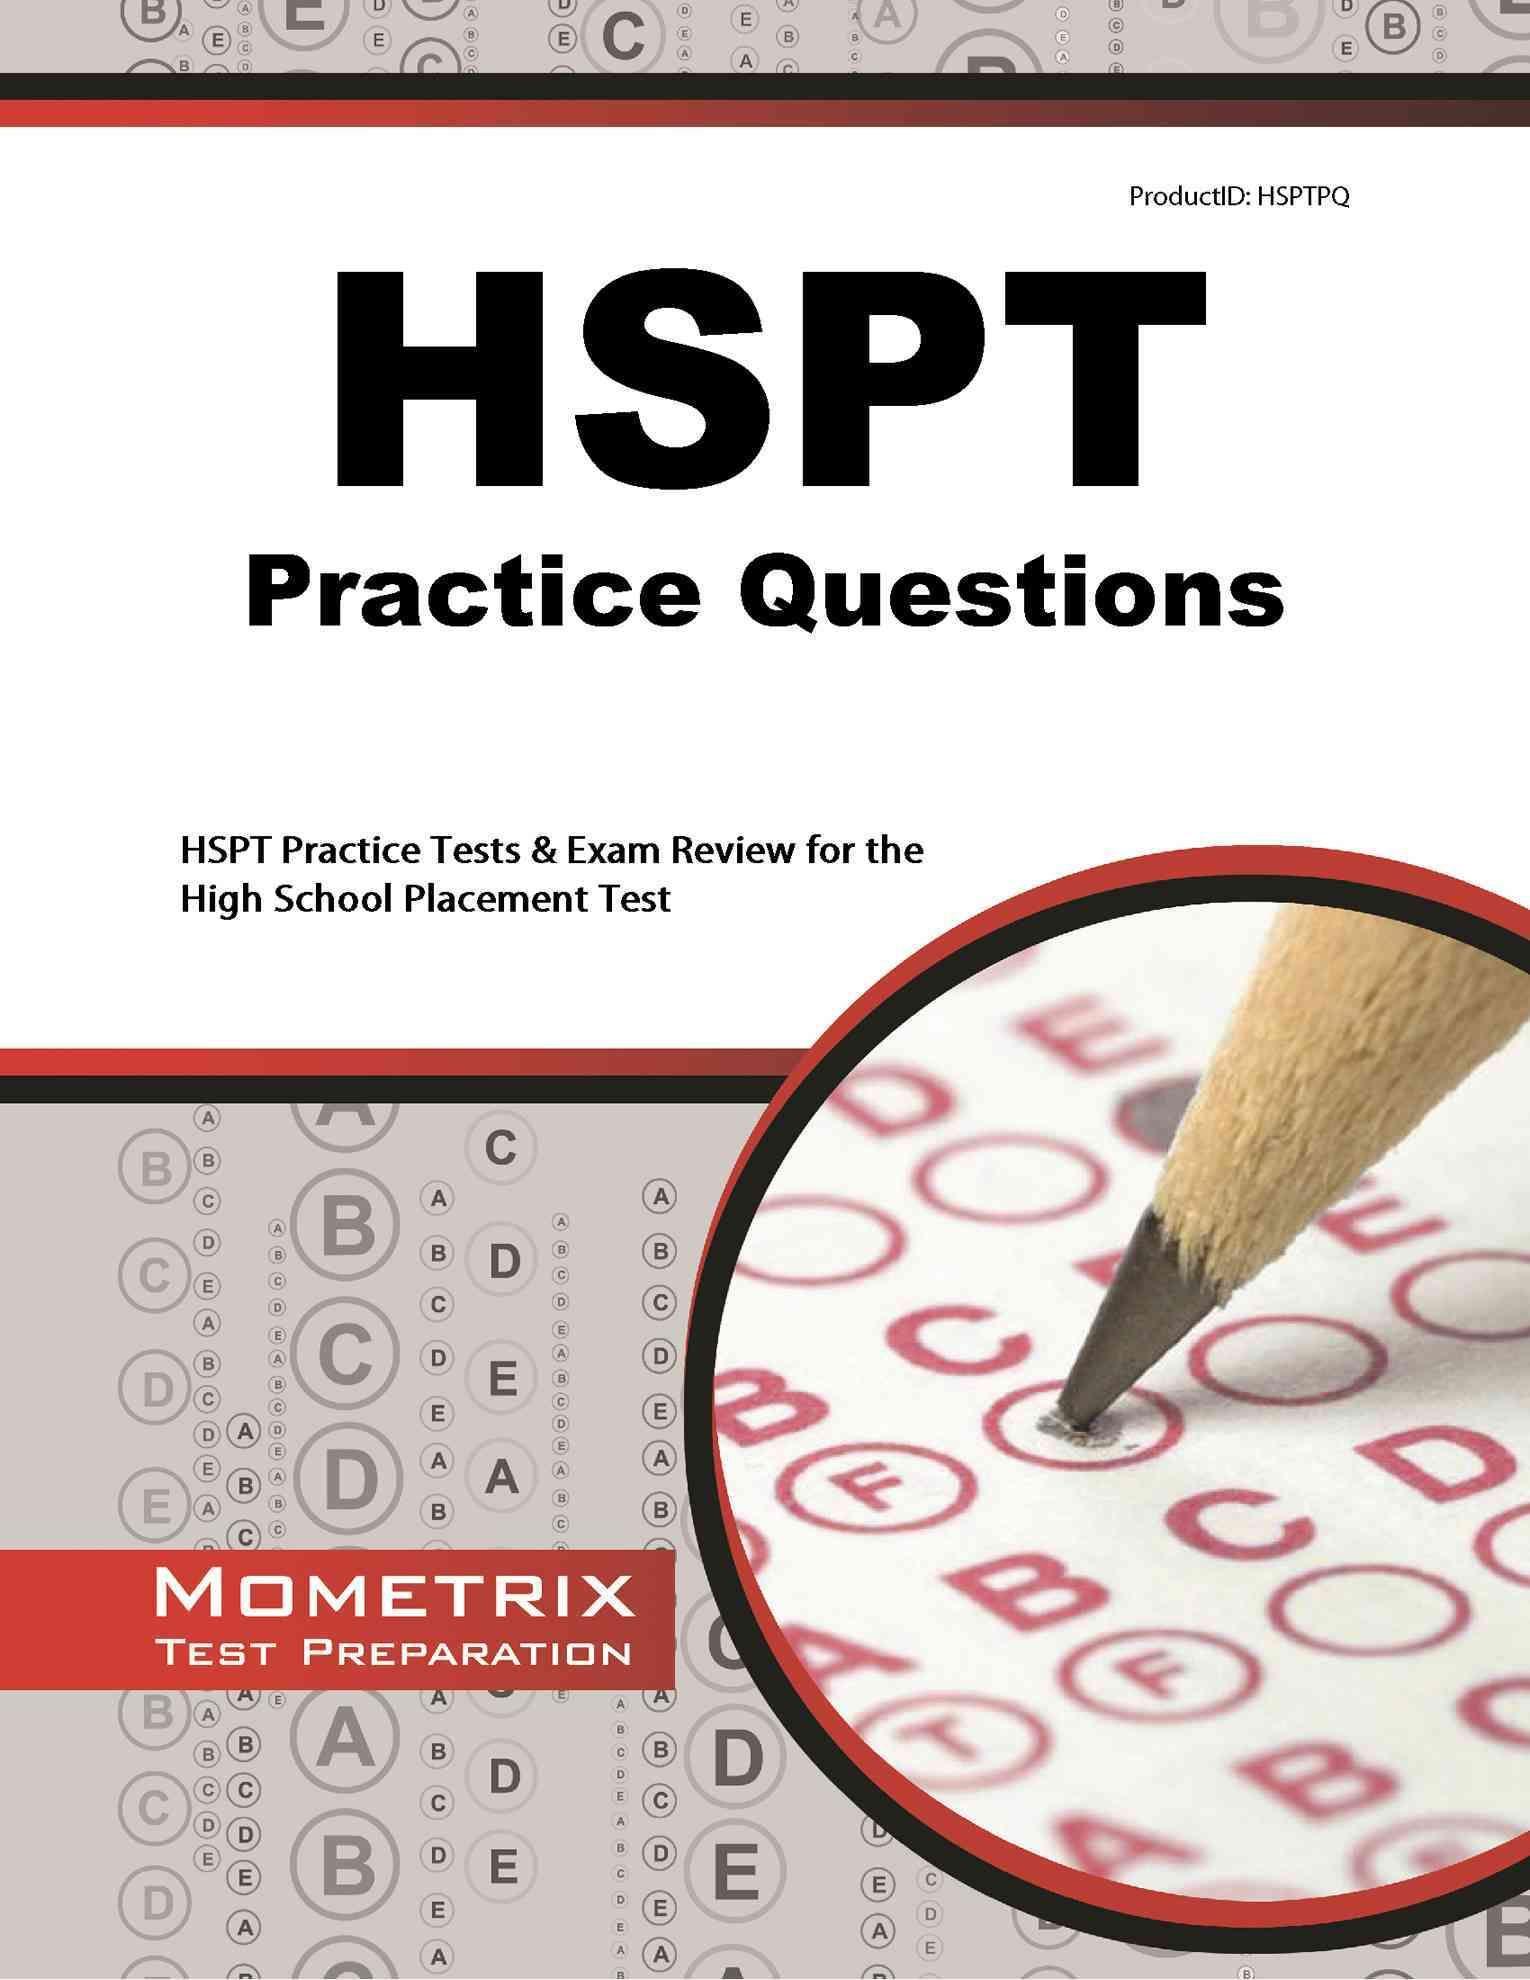 Hspt practice questions hspt practice tests exam review for the hspt practice questions hspt practice tests exam review for the high school placement test xflitez Gallery